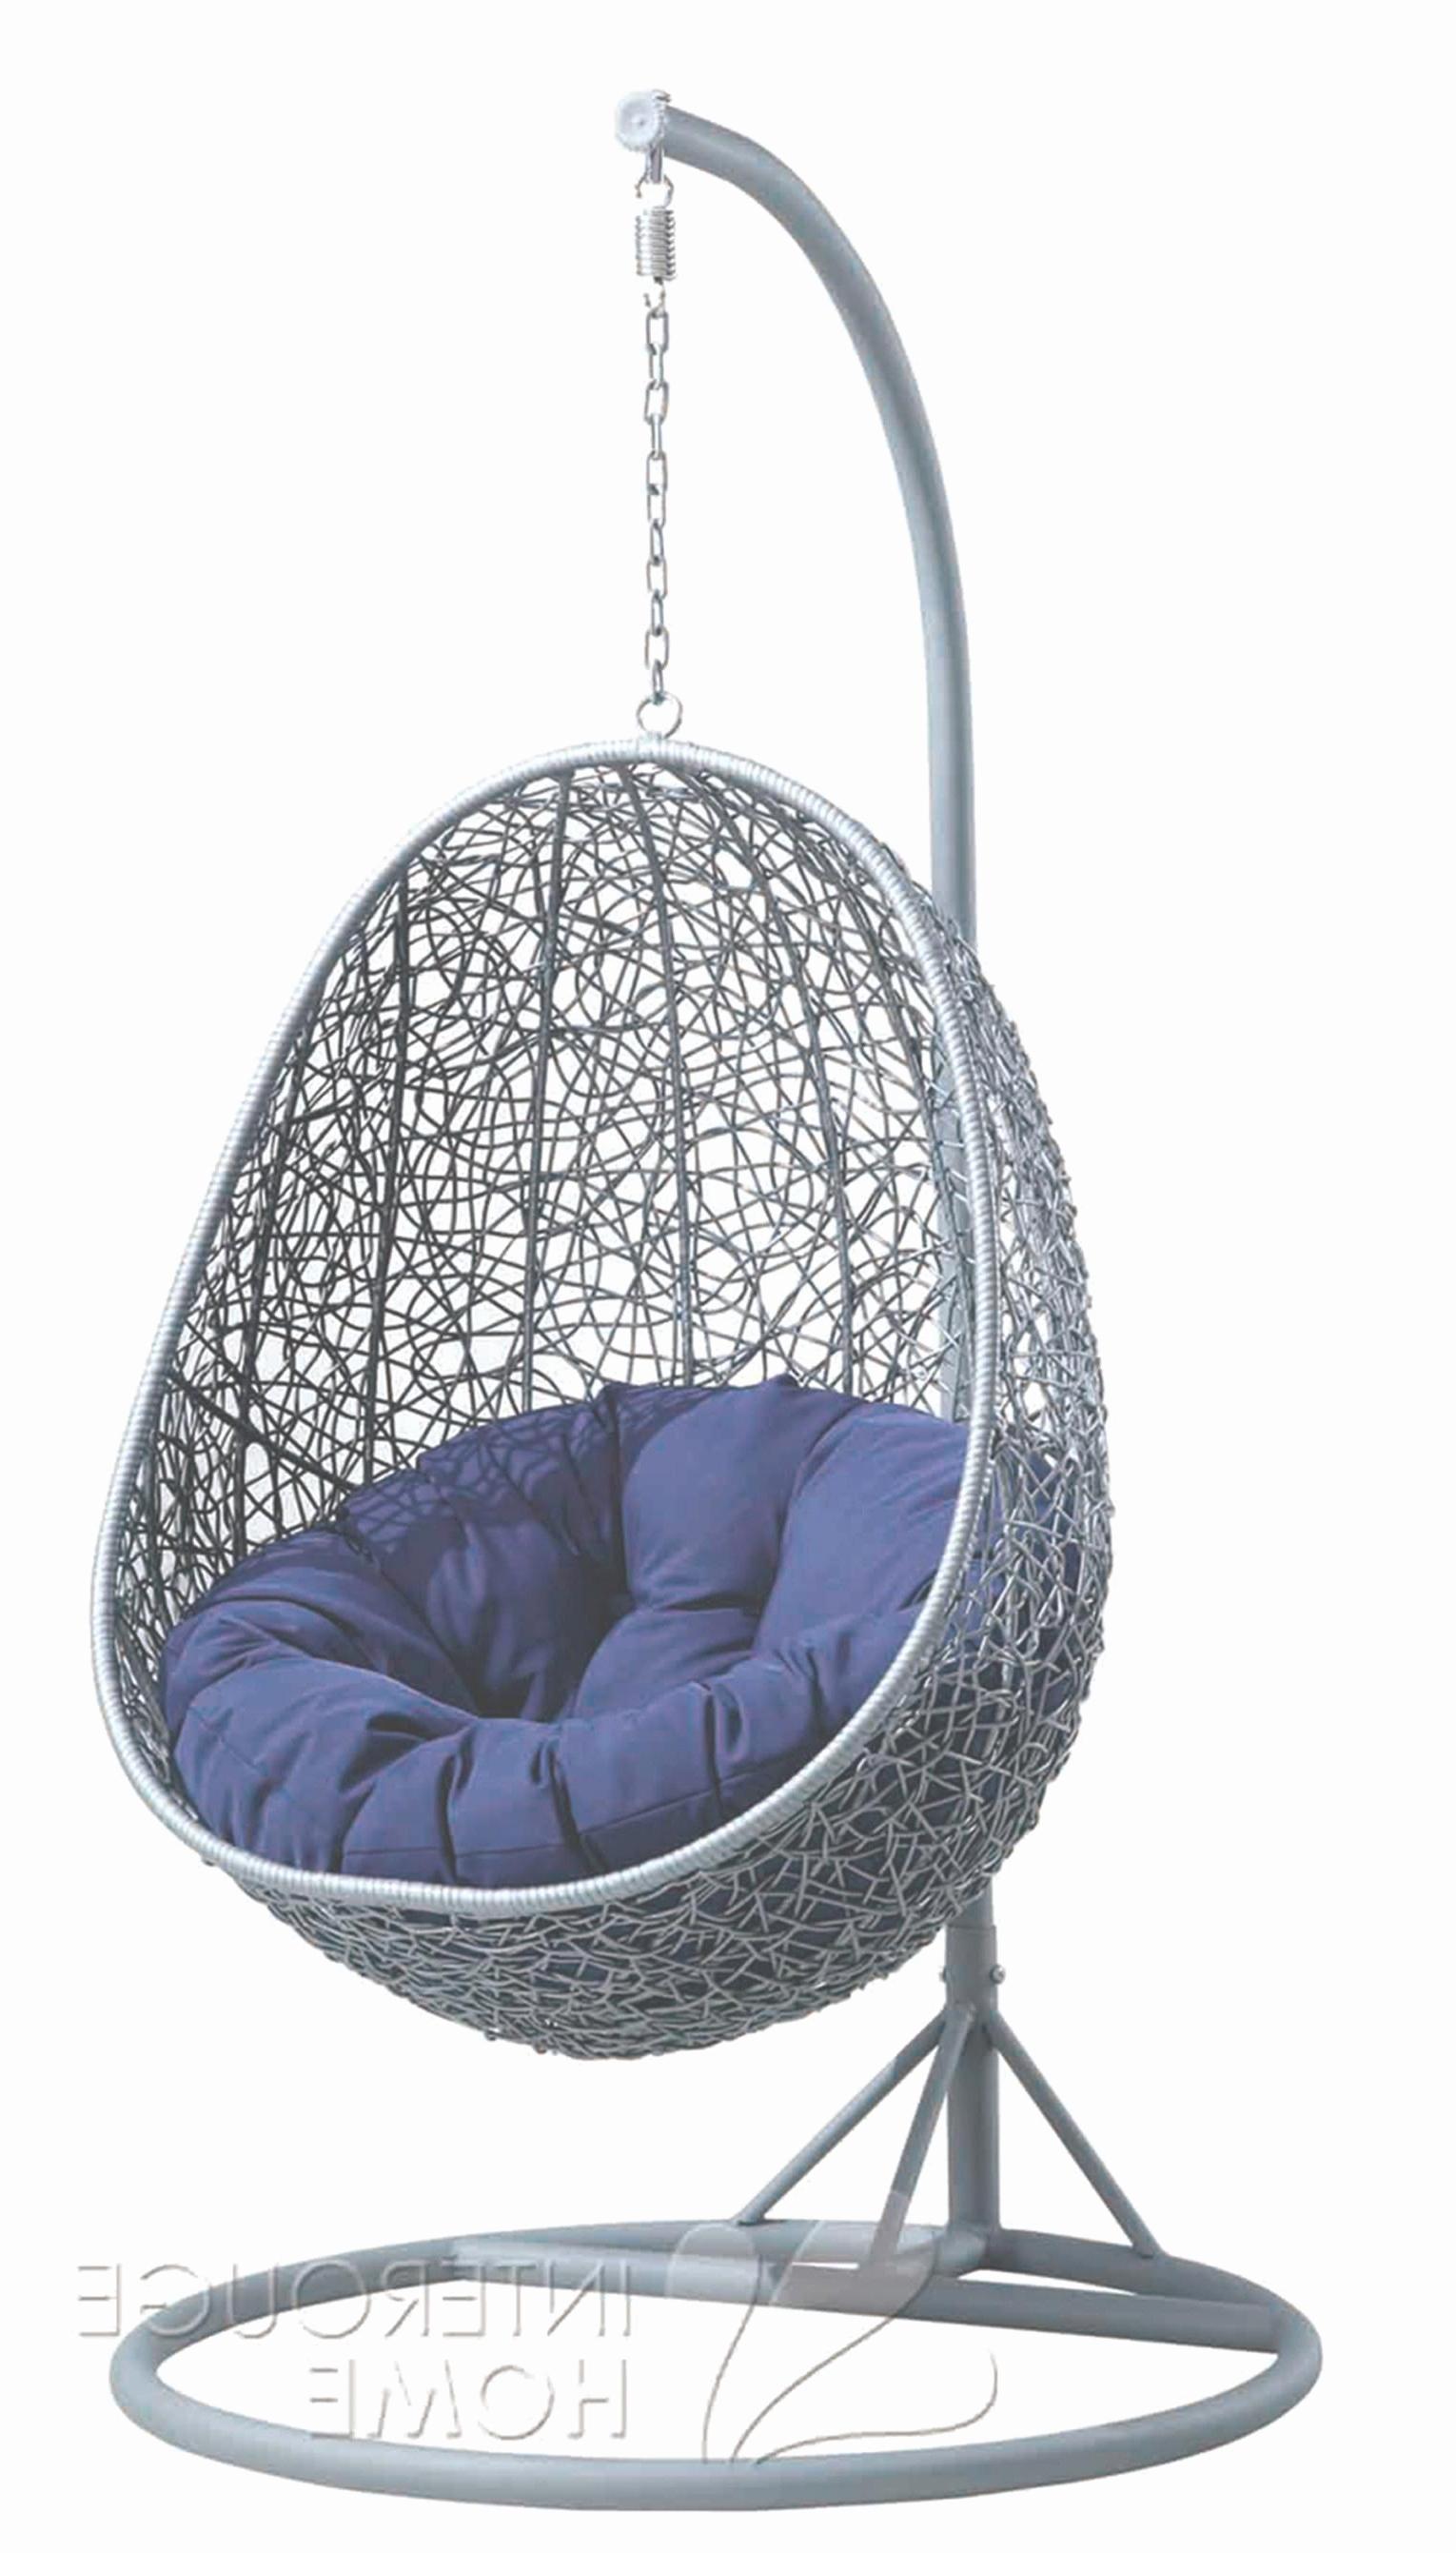 Gifi Galette De Chaise Beau Images Chaises Longues Gifi Génial tonnelle De Jardin Gifi De Confortable